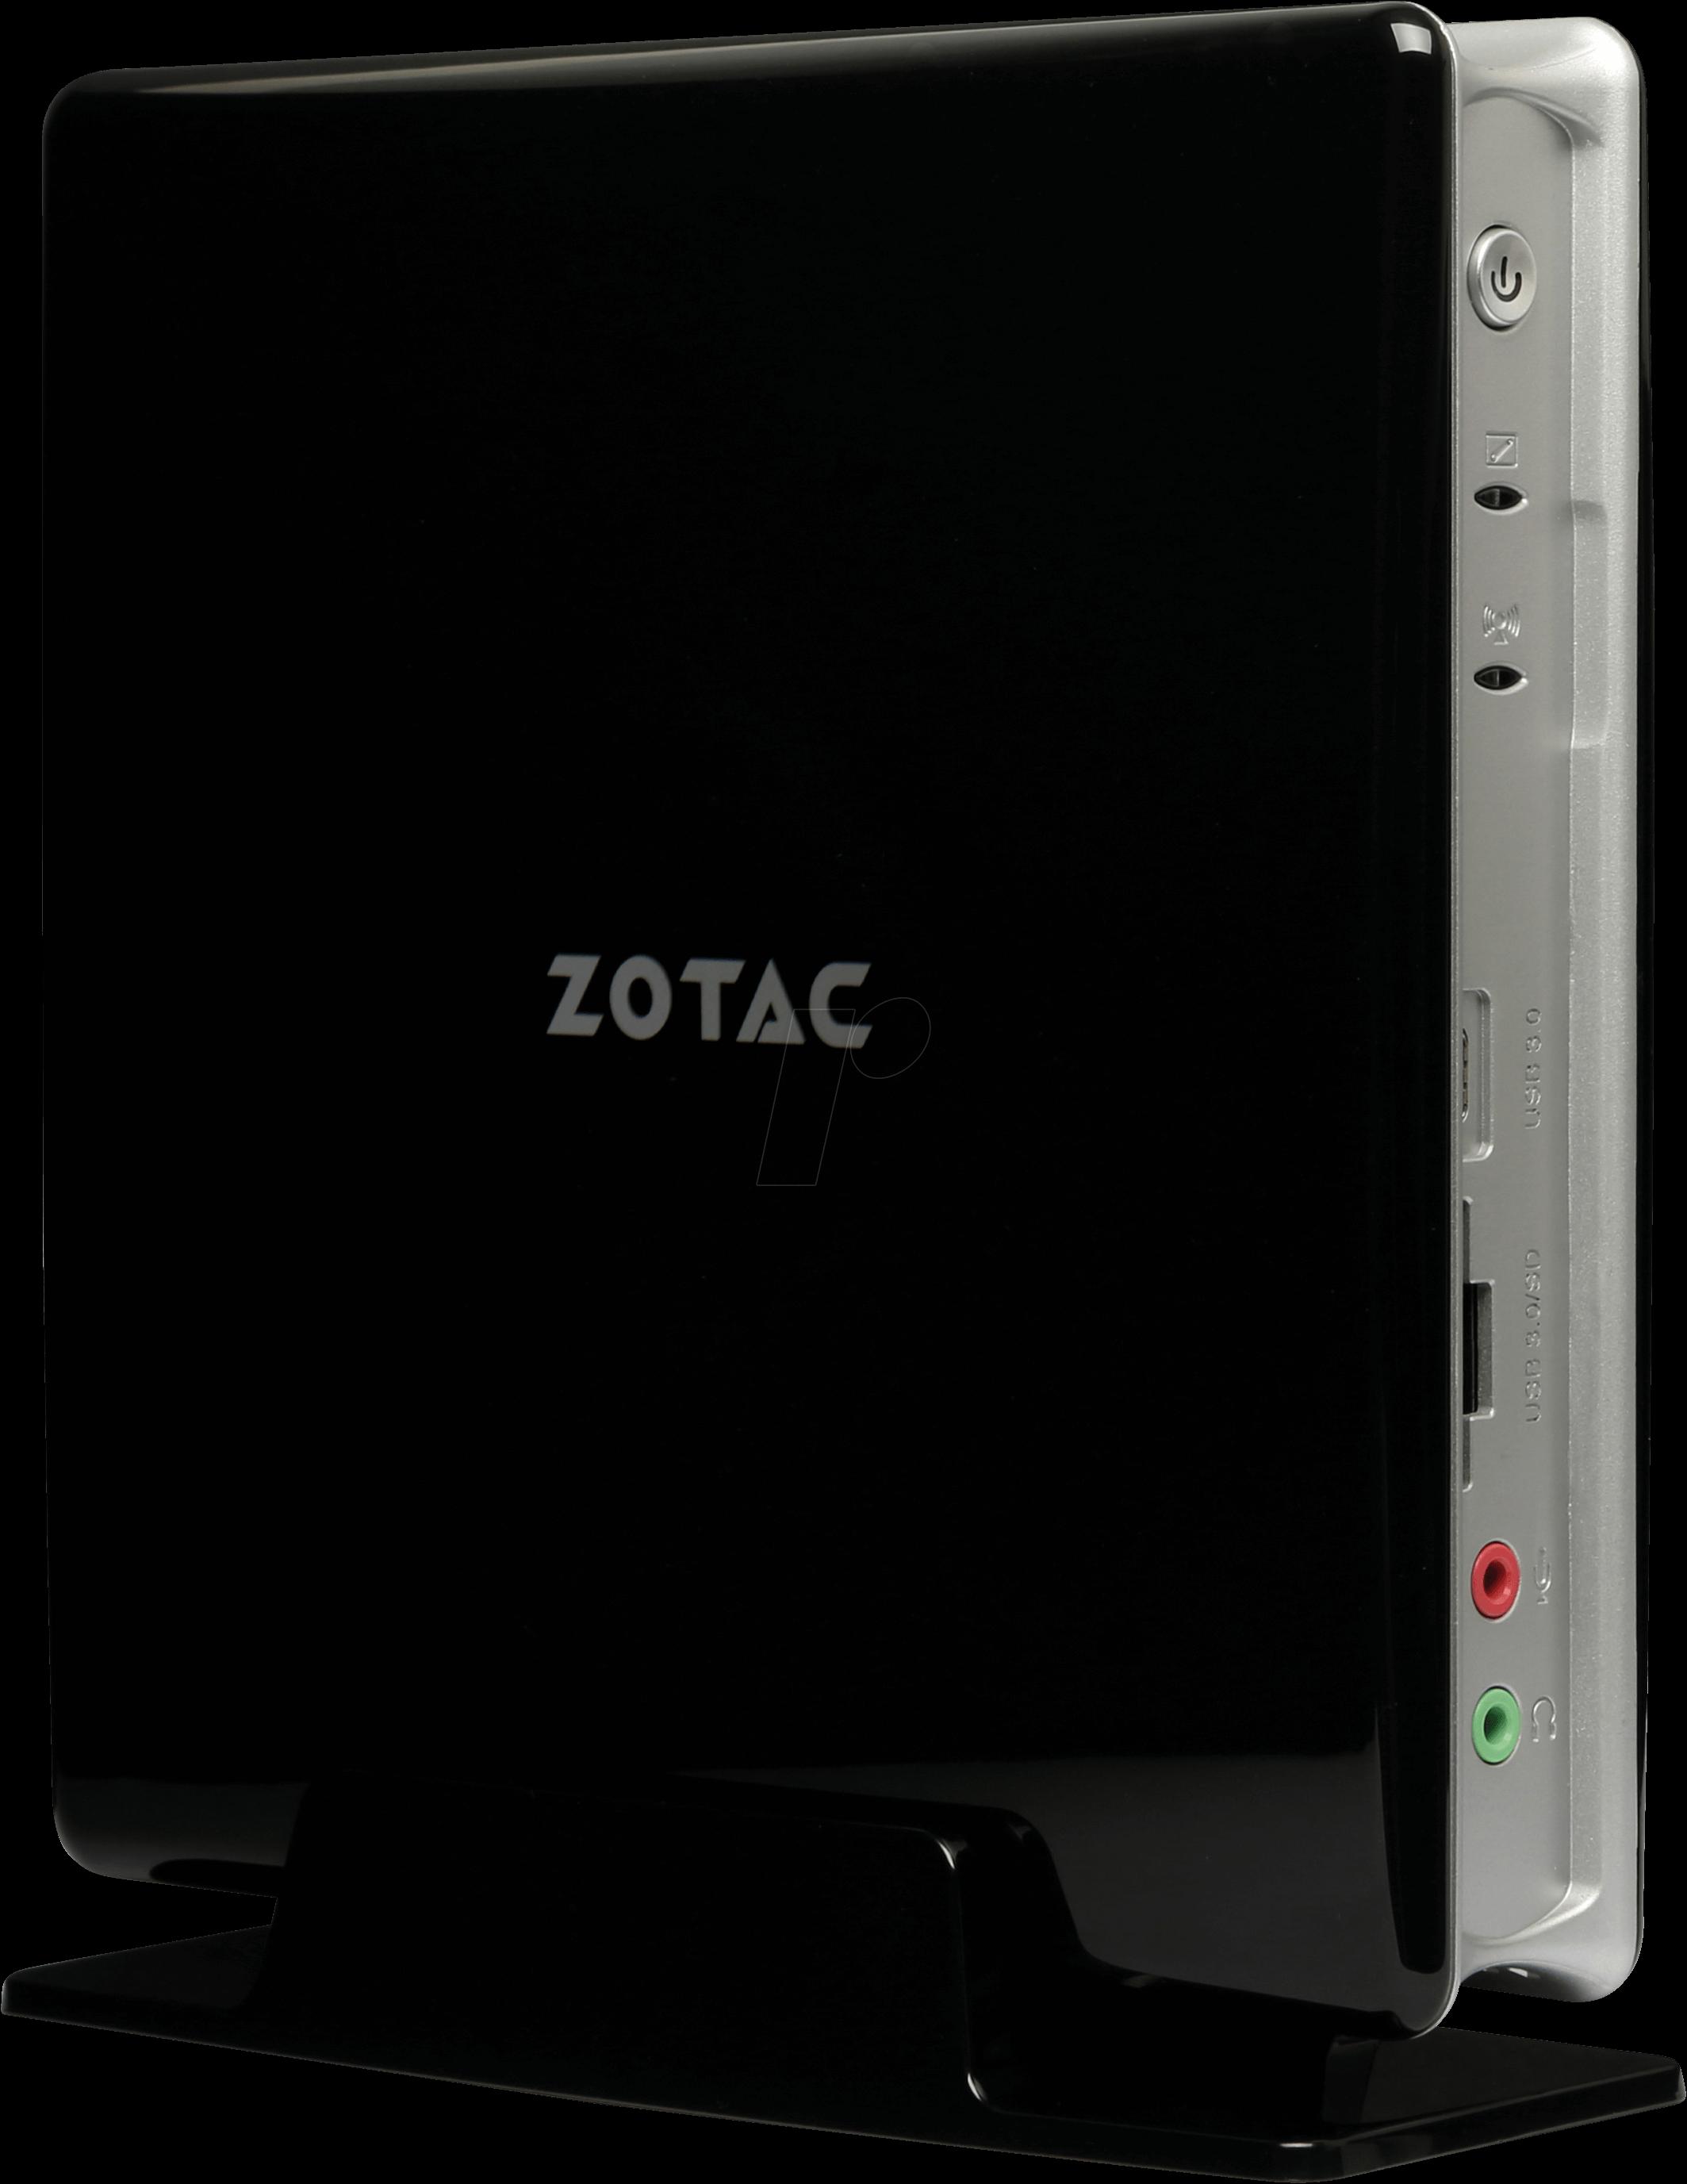 https://cdn-reichelt.de/bilder/web/xxl_ws/E910/ZOTAC_ZBOX-BI322_01.png